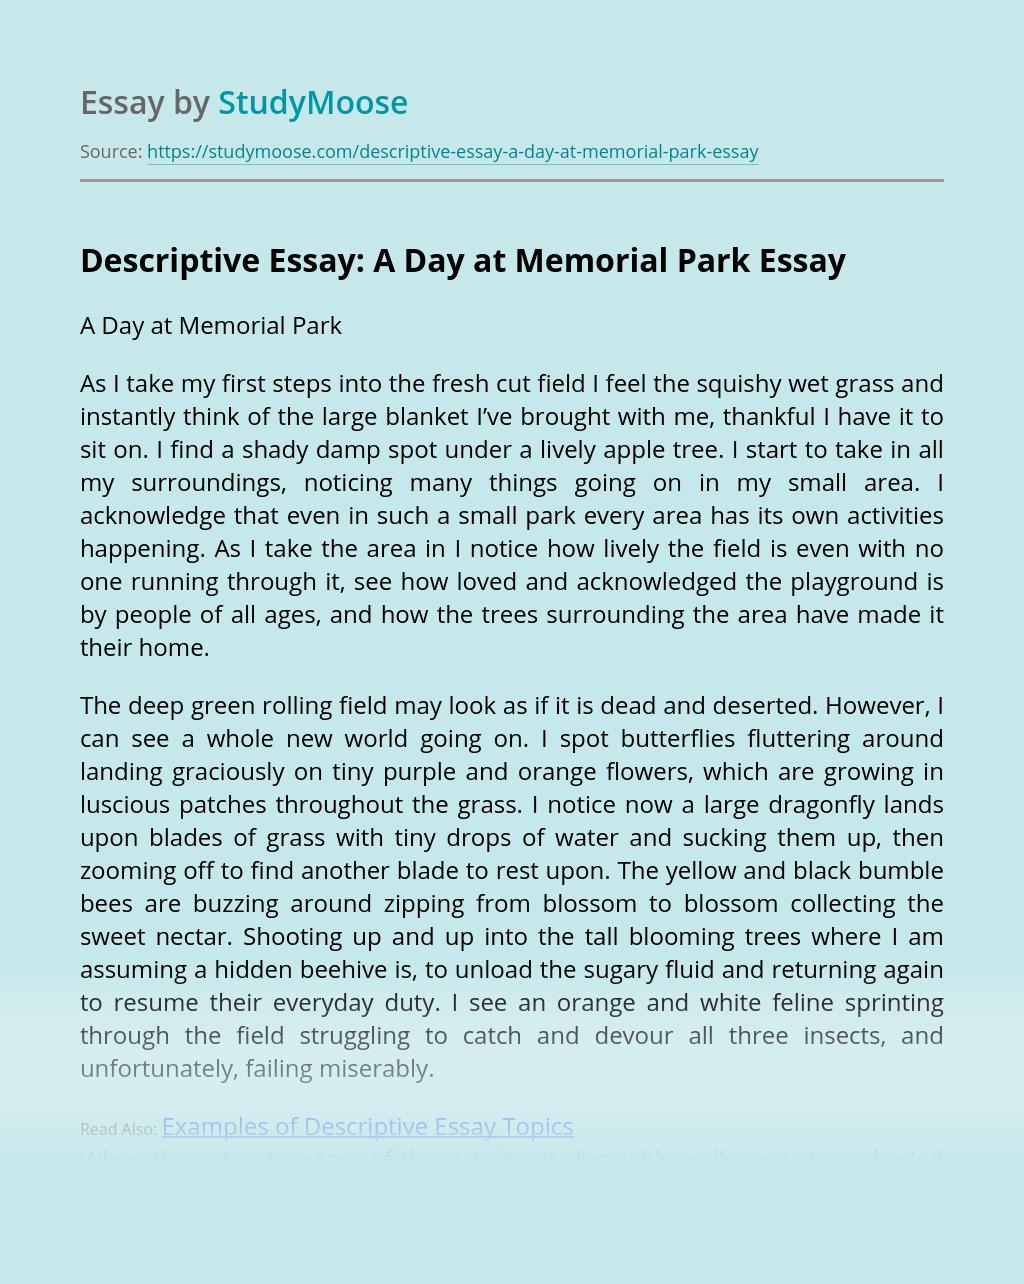 Descriptive Essay: A Day at Memorial Park